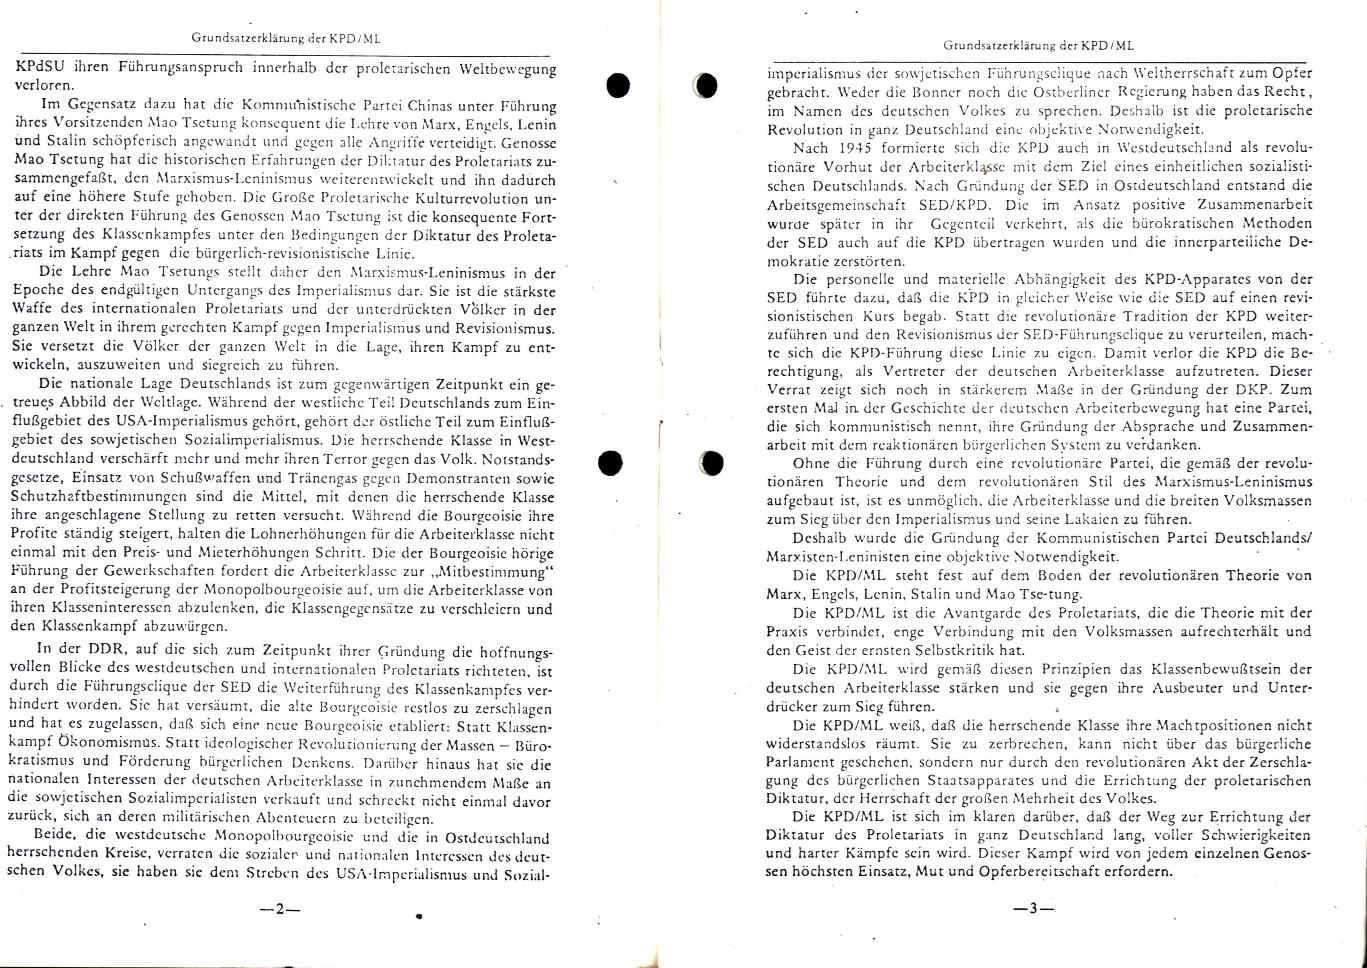 KPDML_1976_Dokumente_zur_Gruendung_03